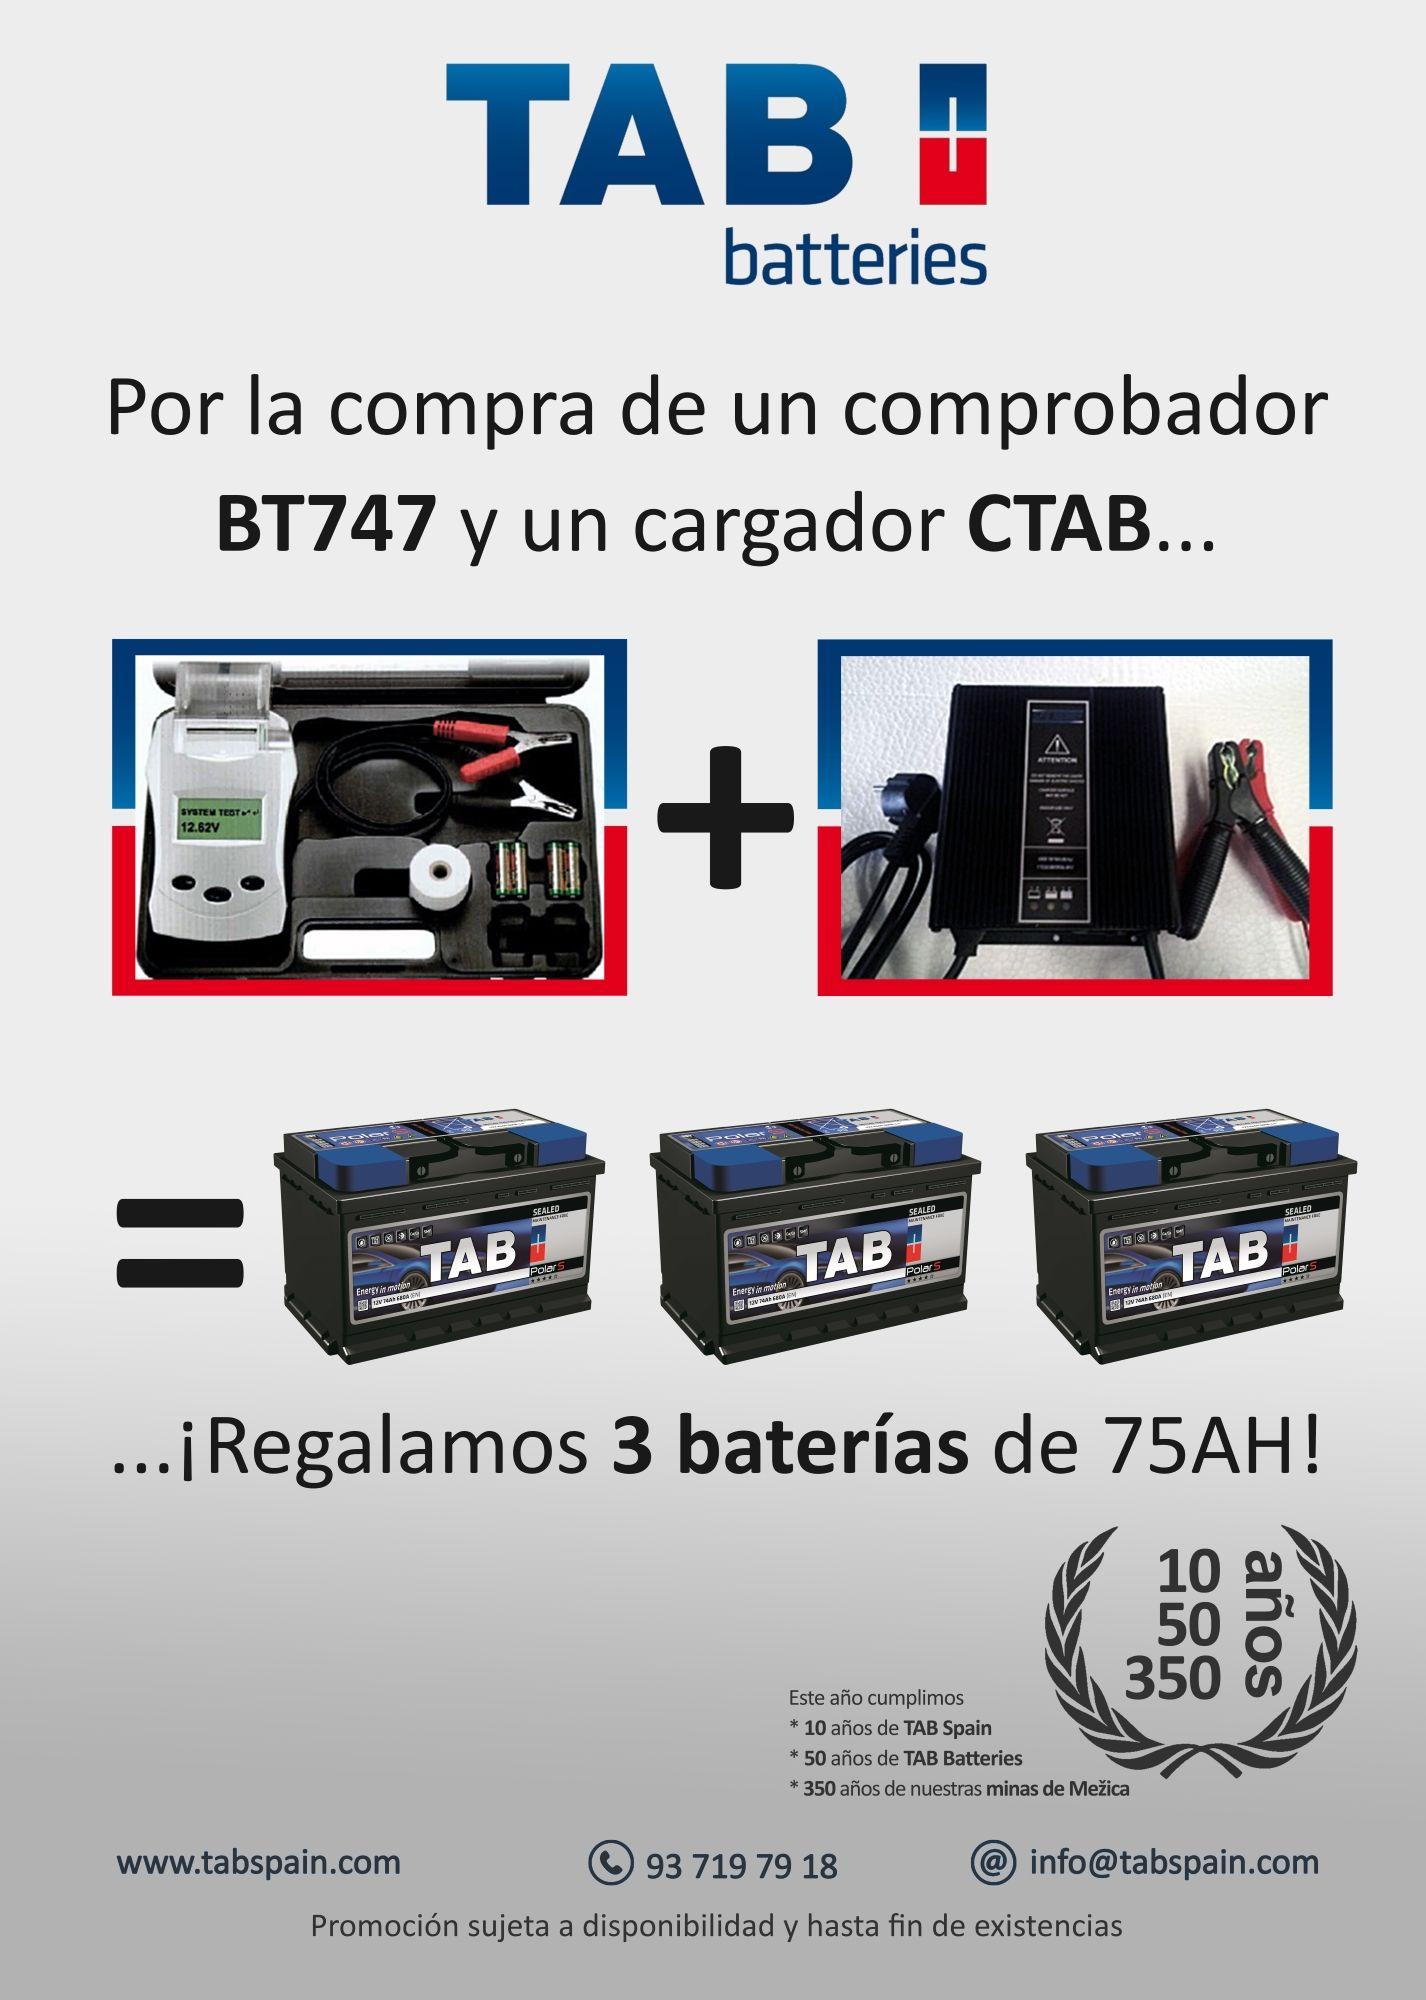 6a4934a381 TAB regala 3 baterías en su nueva campaña - TAB Spain